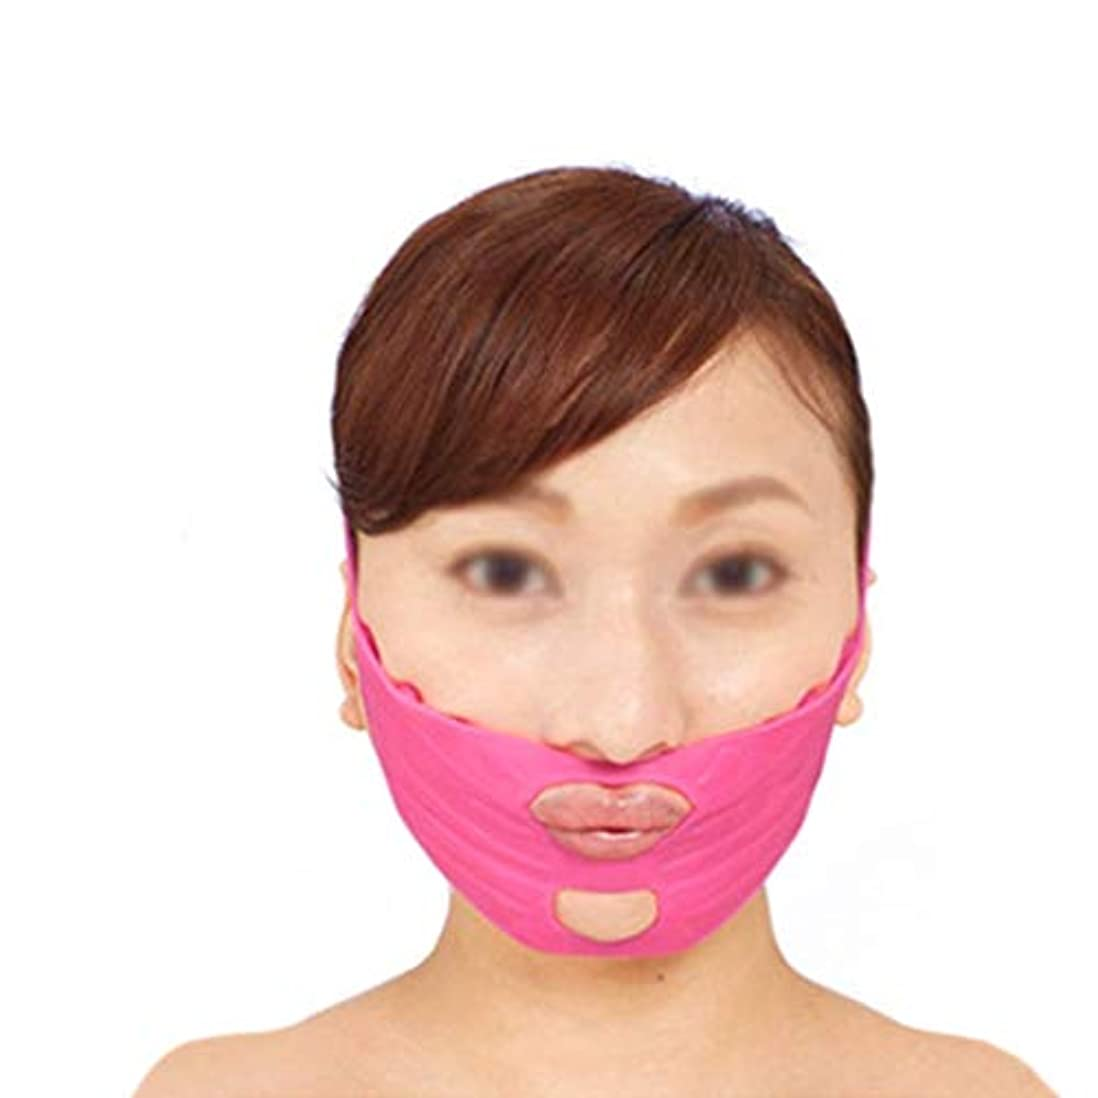 束後継テストフェイスストラップ付きマスク、プルアップフェイスマスク、フェイスリフティングマスク、フェイスタイトニングバンデージ、フェイシャルリフティングバンデージ、ダブルチンを減らすためのリフティングフェイスバンド(ピンク、ワンサイズ)